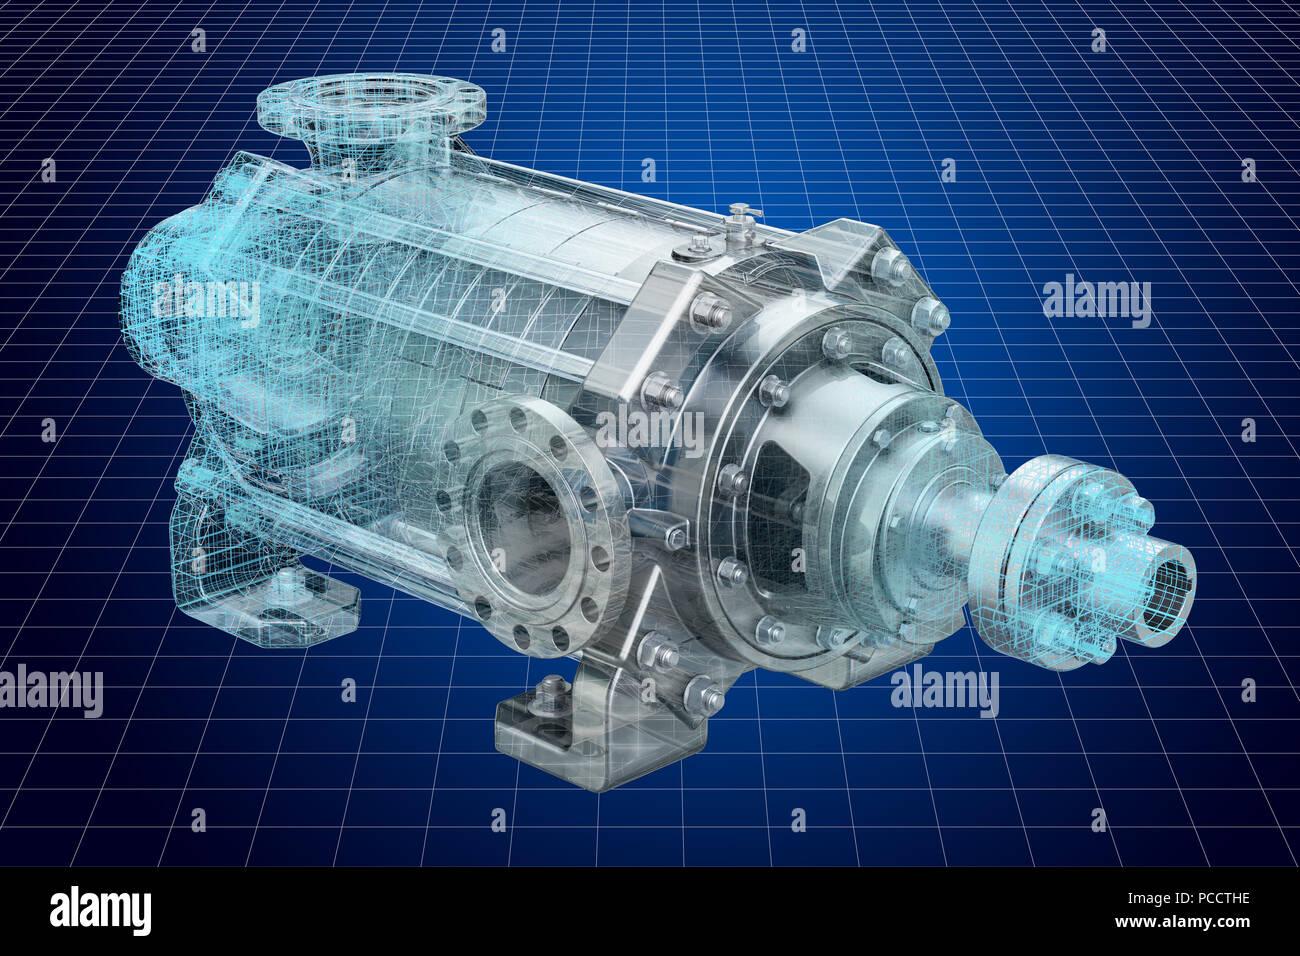 a6e89188a77c Visualización de modelos CAD en 3D de bomba centrífuga